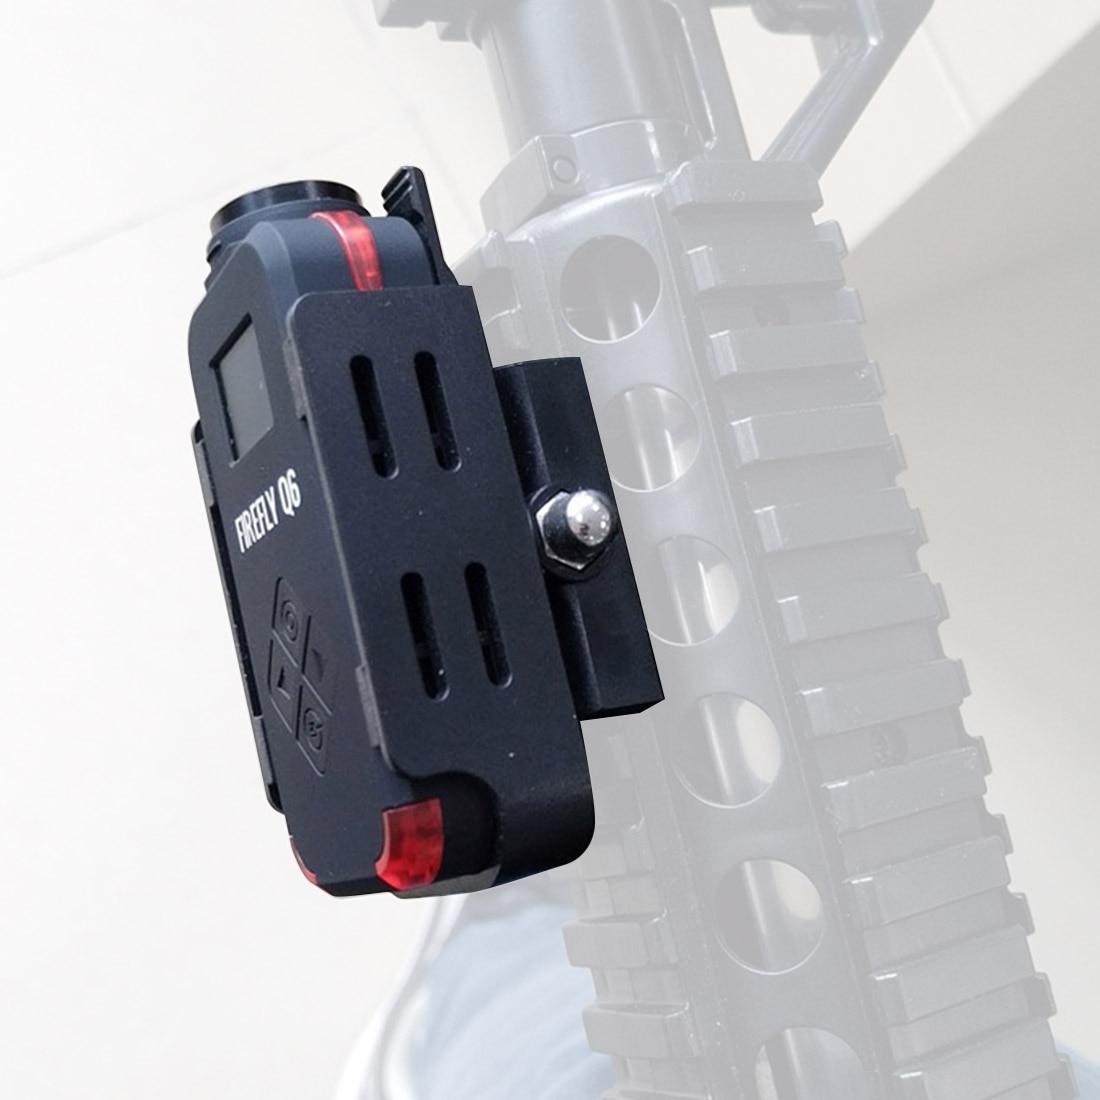 Hawkeye FIREFLY Q6 Airsoft 1080 P/4 K HD Многофункциональная Спортивная камера Экшн-камера для FPV Racer Part Racing Drone